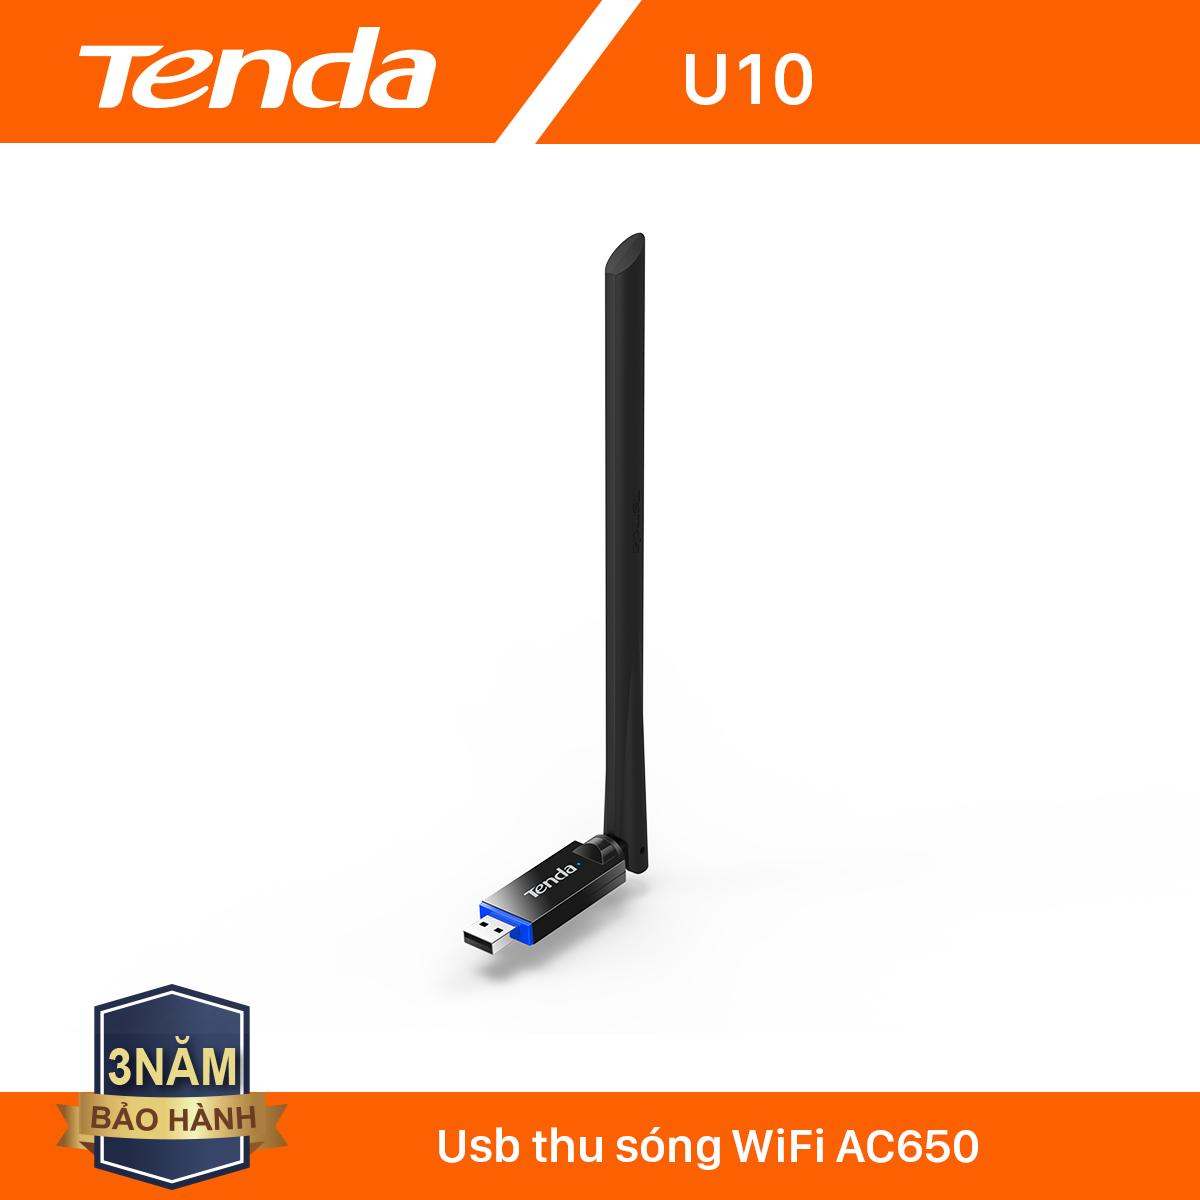 Tenda USB kết nối Wifi U10 chuẩn AC tốc độ 650Mbps – Hãng phân phối chính thức